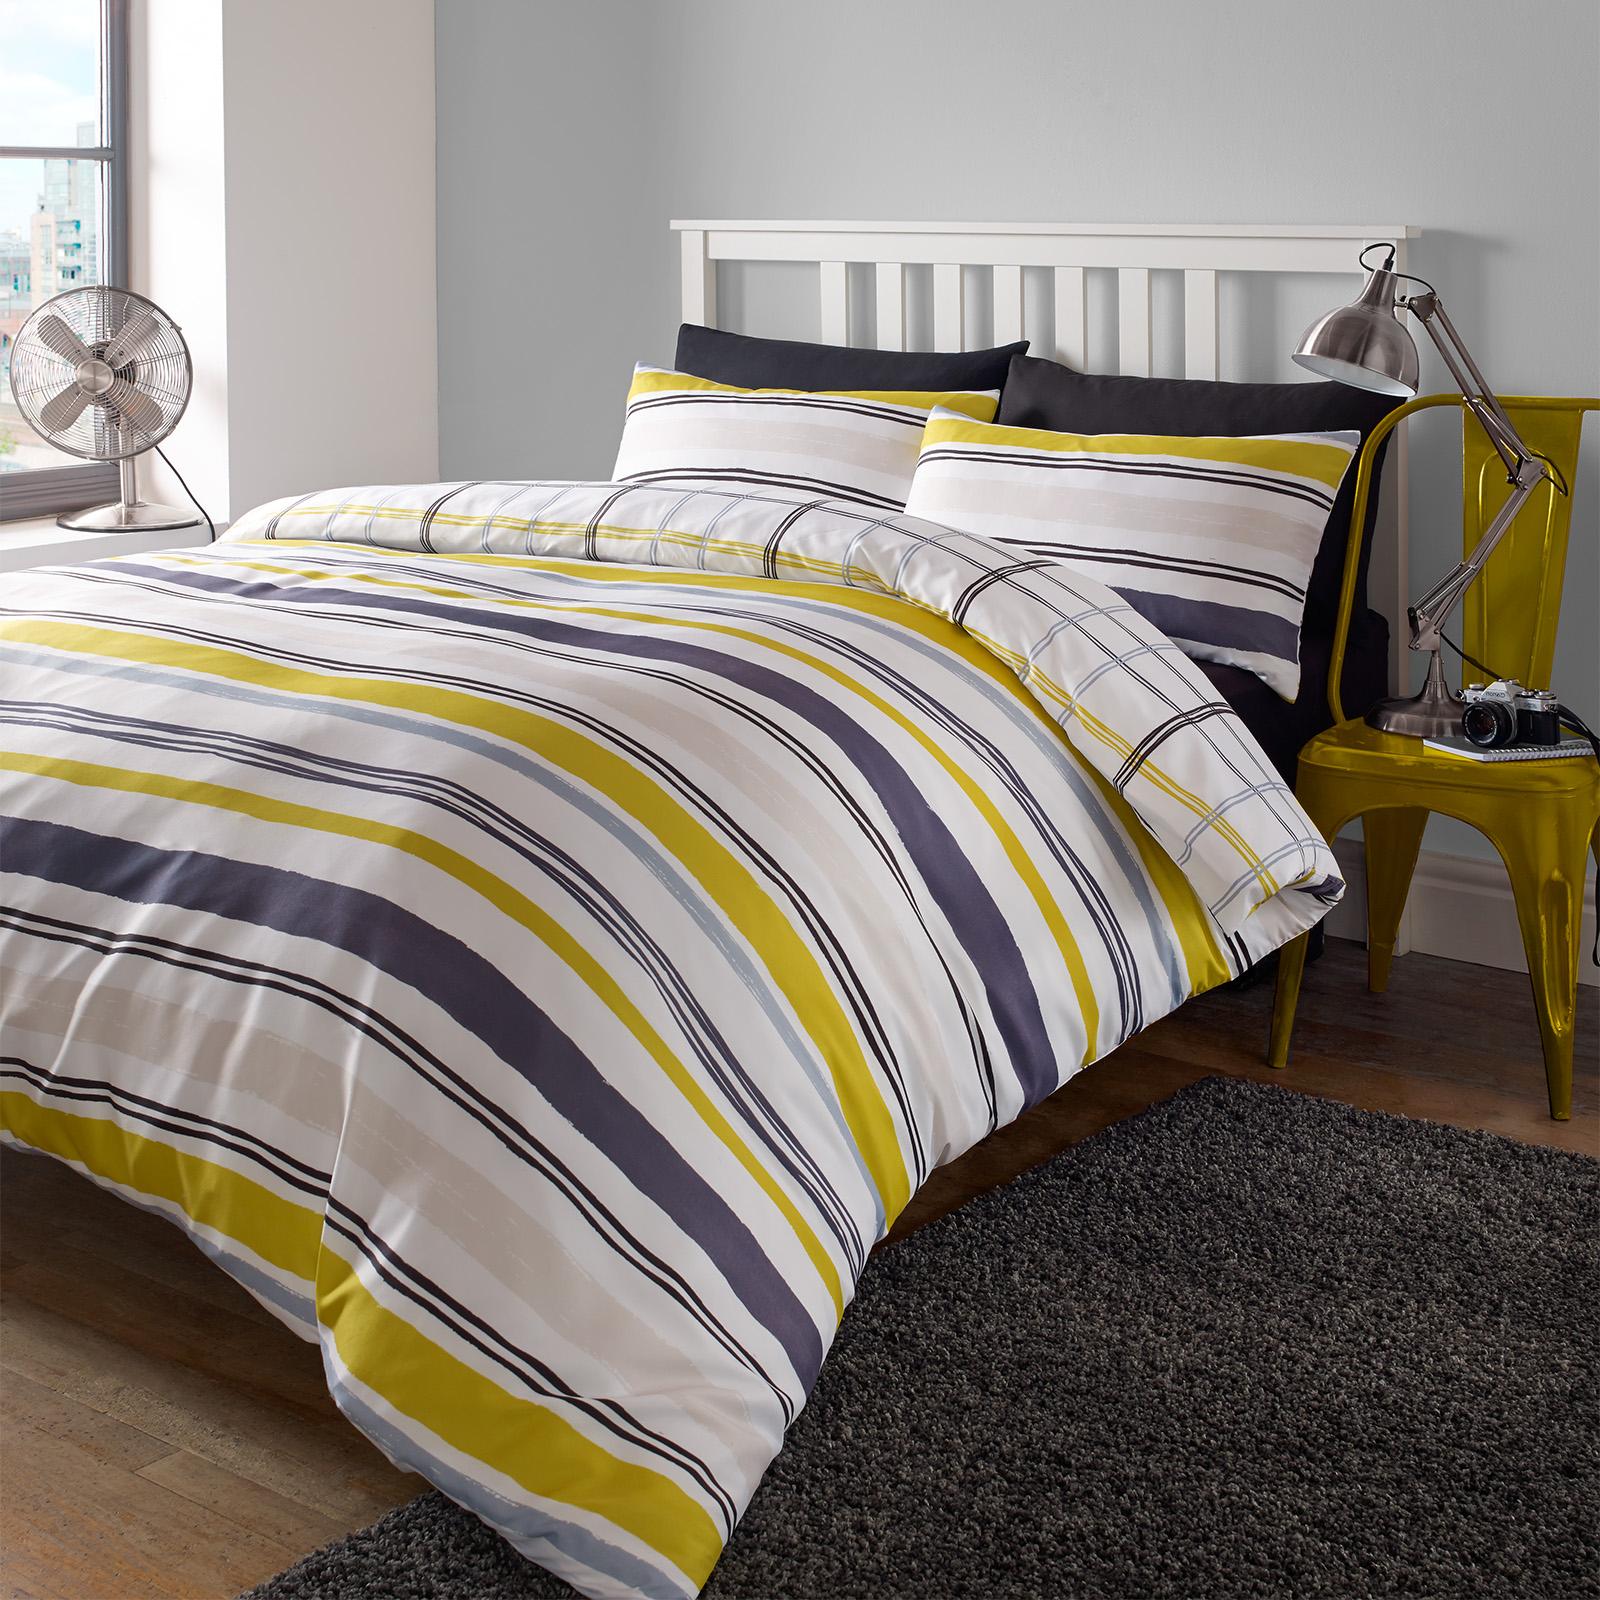 berpr fen sie die bettdecke cover mit satz bettw sche kissenbezug tartan ebay. Black Bedroom Furniture Sets. Home Design Ideas